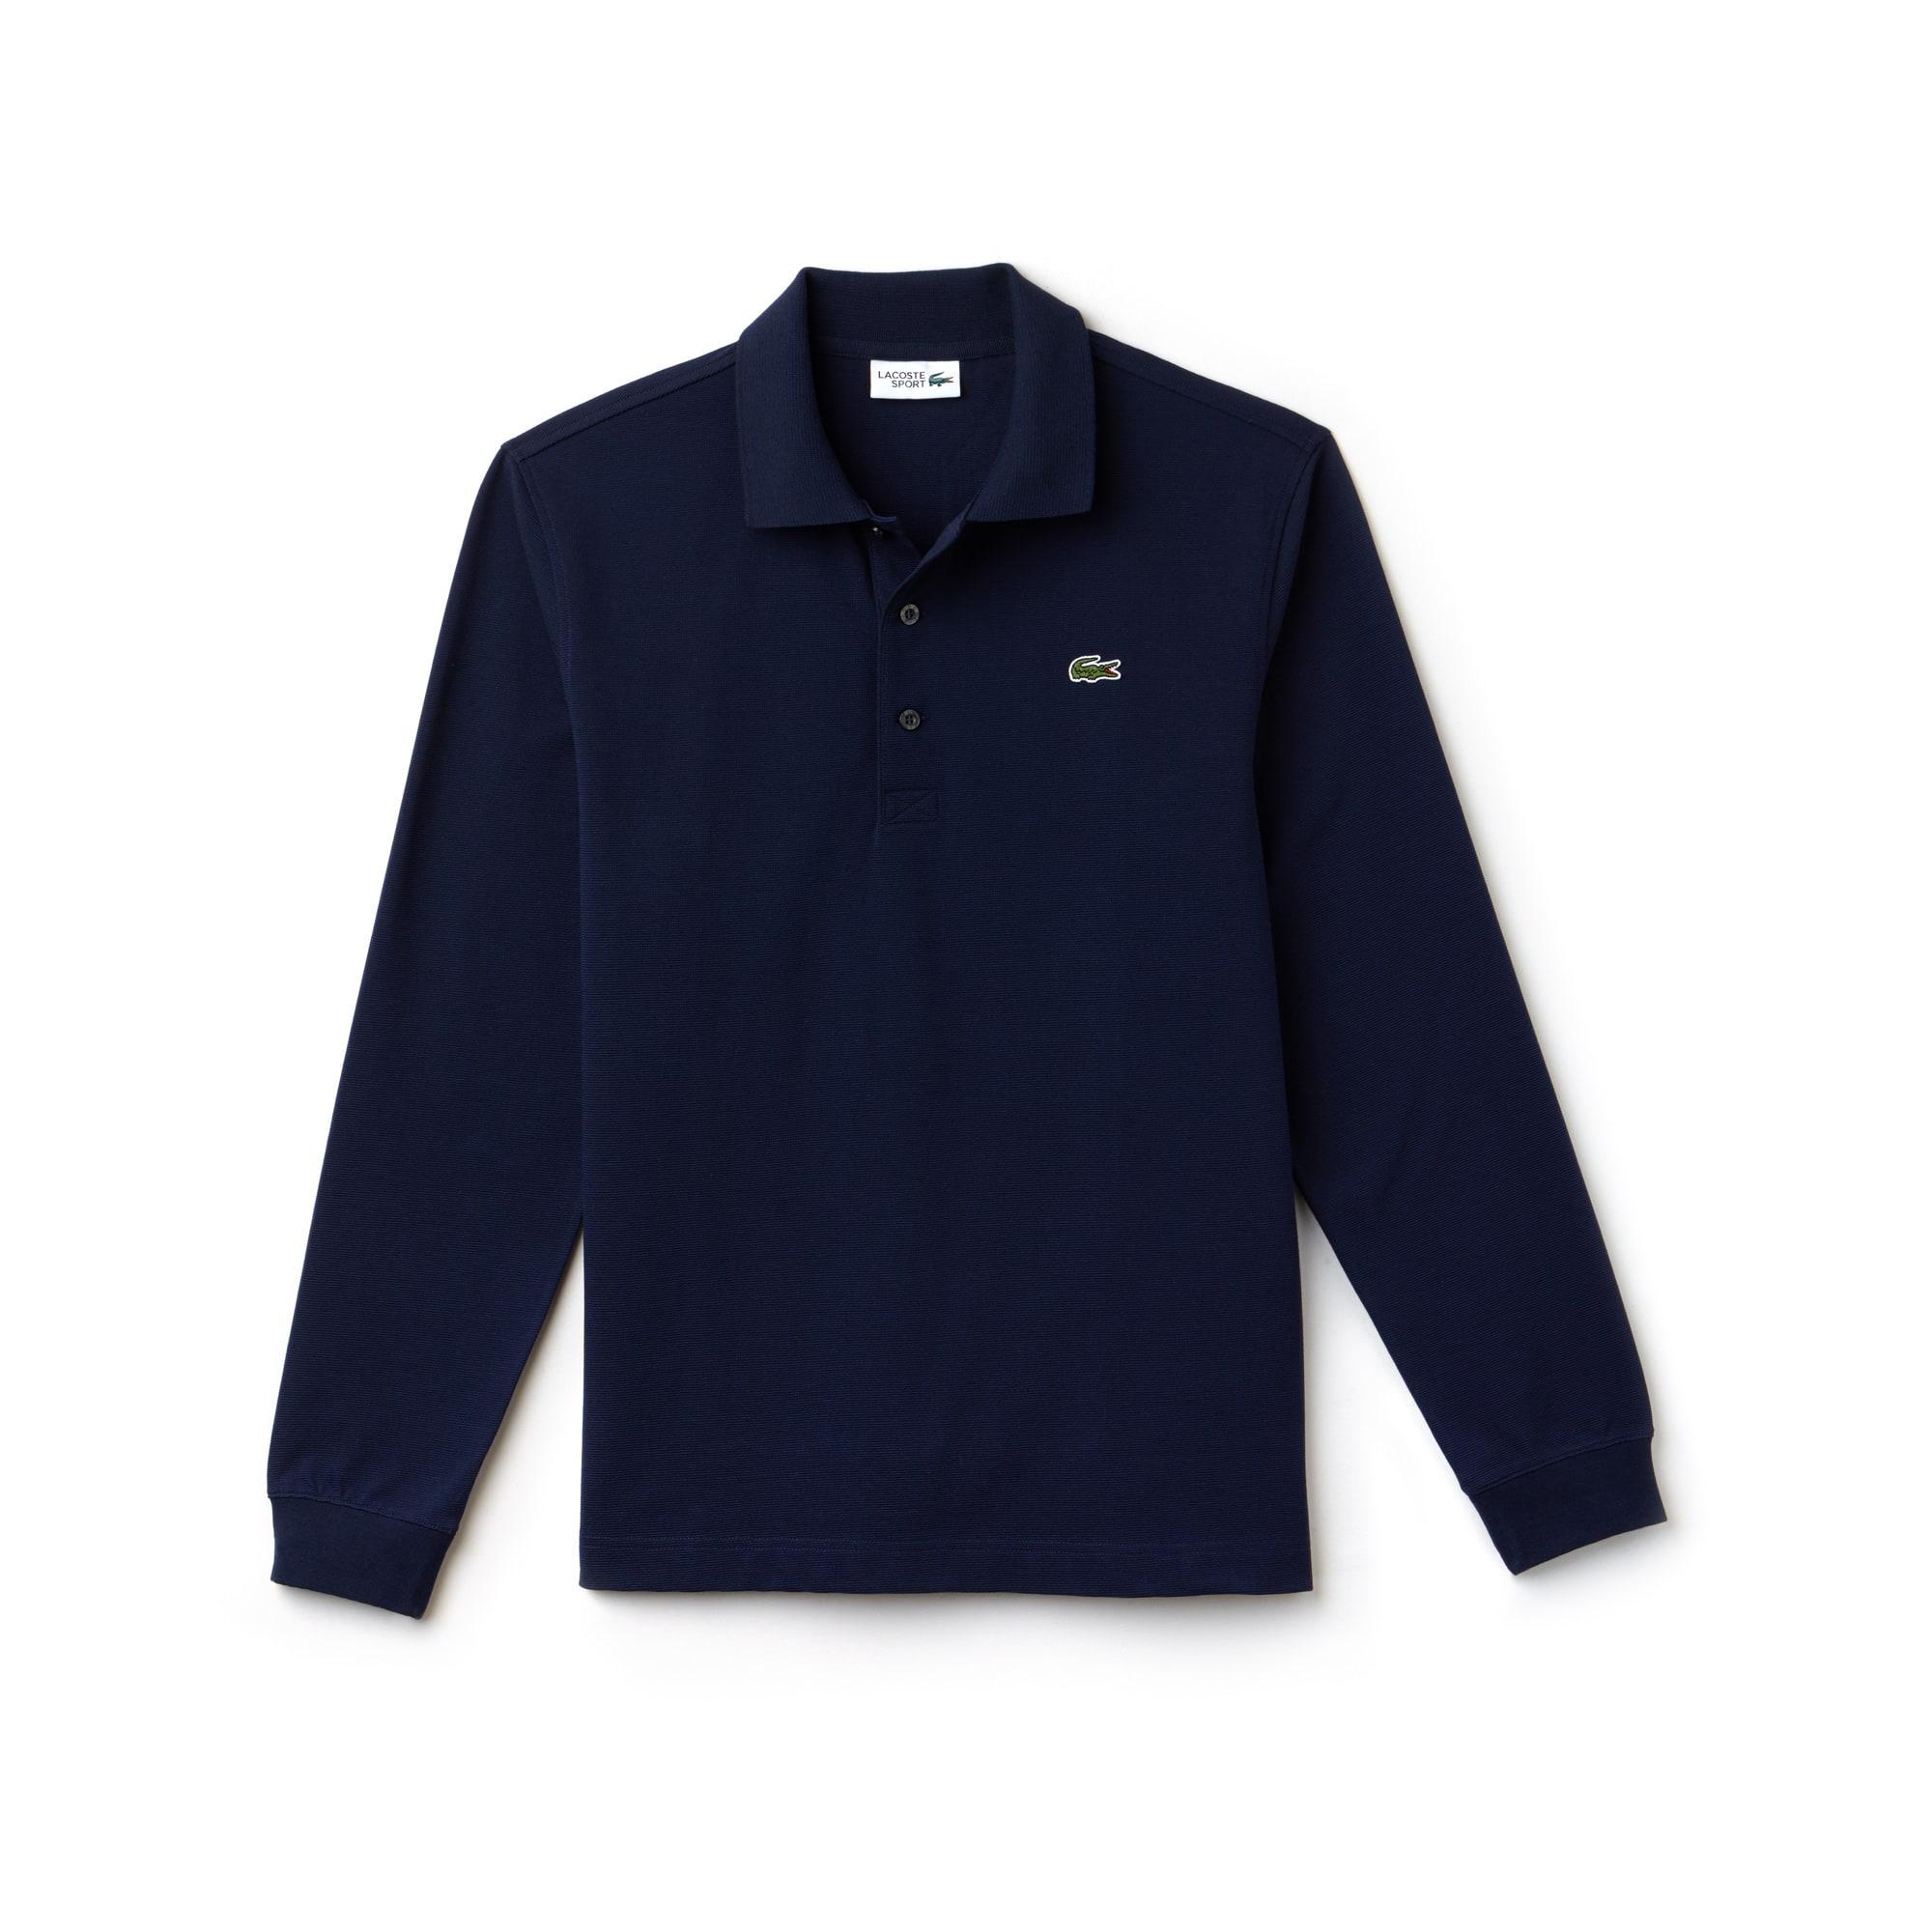 Polo de manga comprida Tennis Lacoste SPORT em algodão superleve